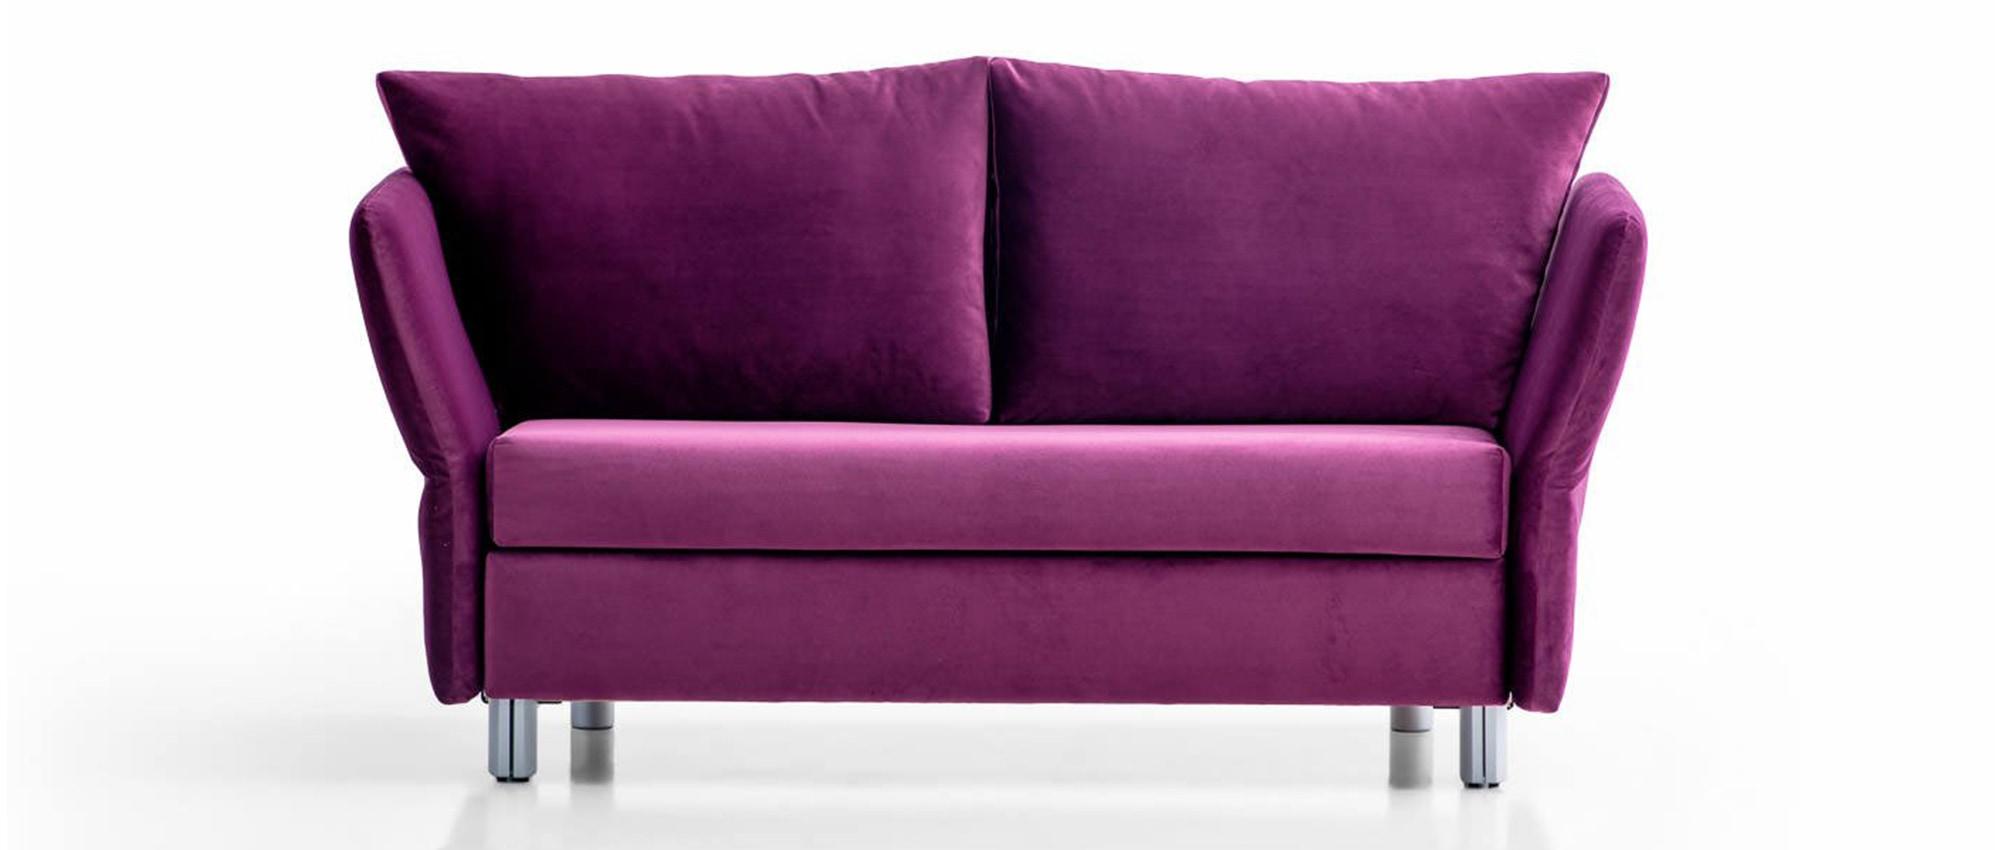 LUINO Schlafsofa von Franz Fertig mit klappbaren Armlehnen in lila. Sofa mit Gästebett Funktion. Sofa in lila.